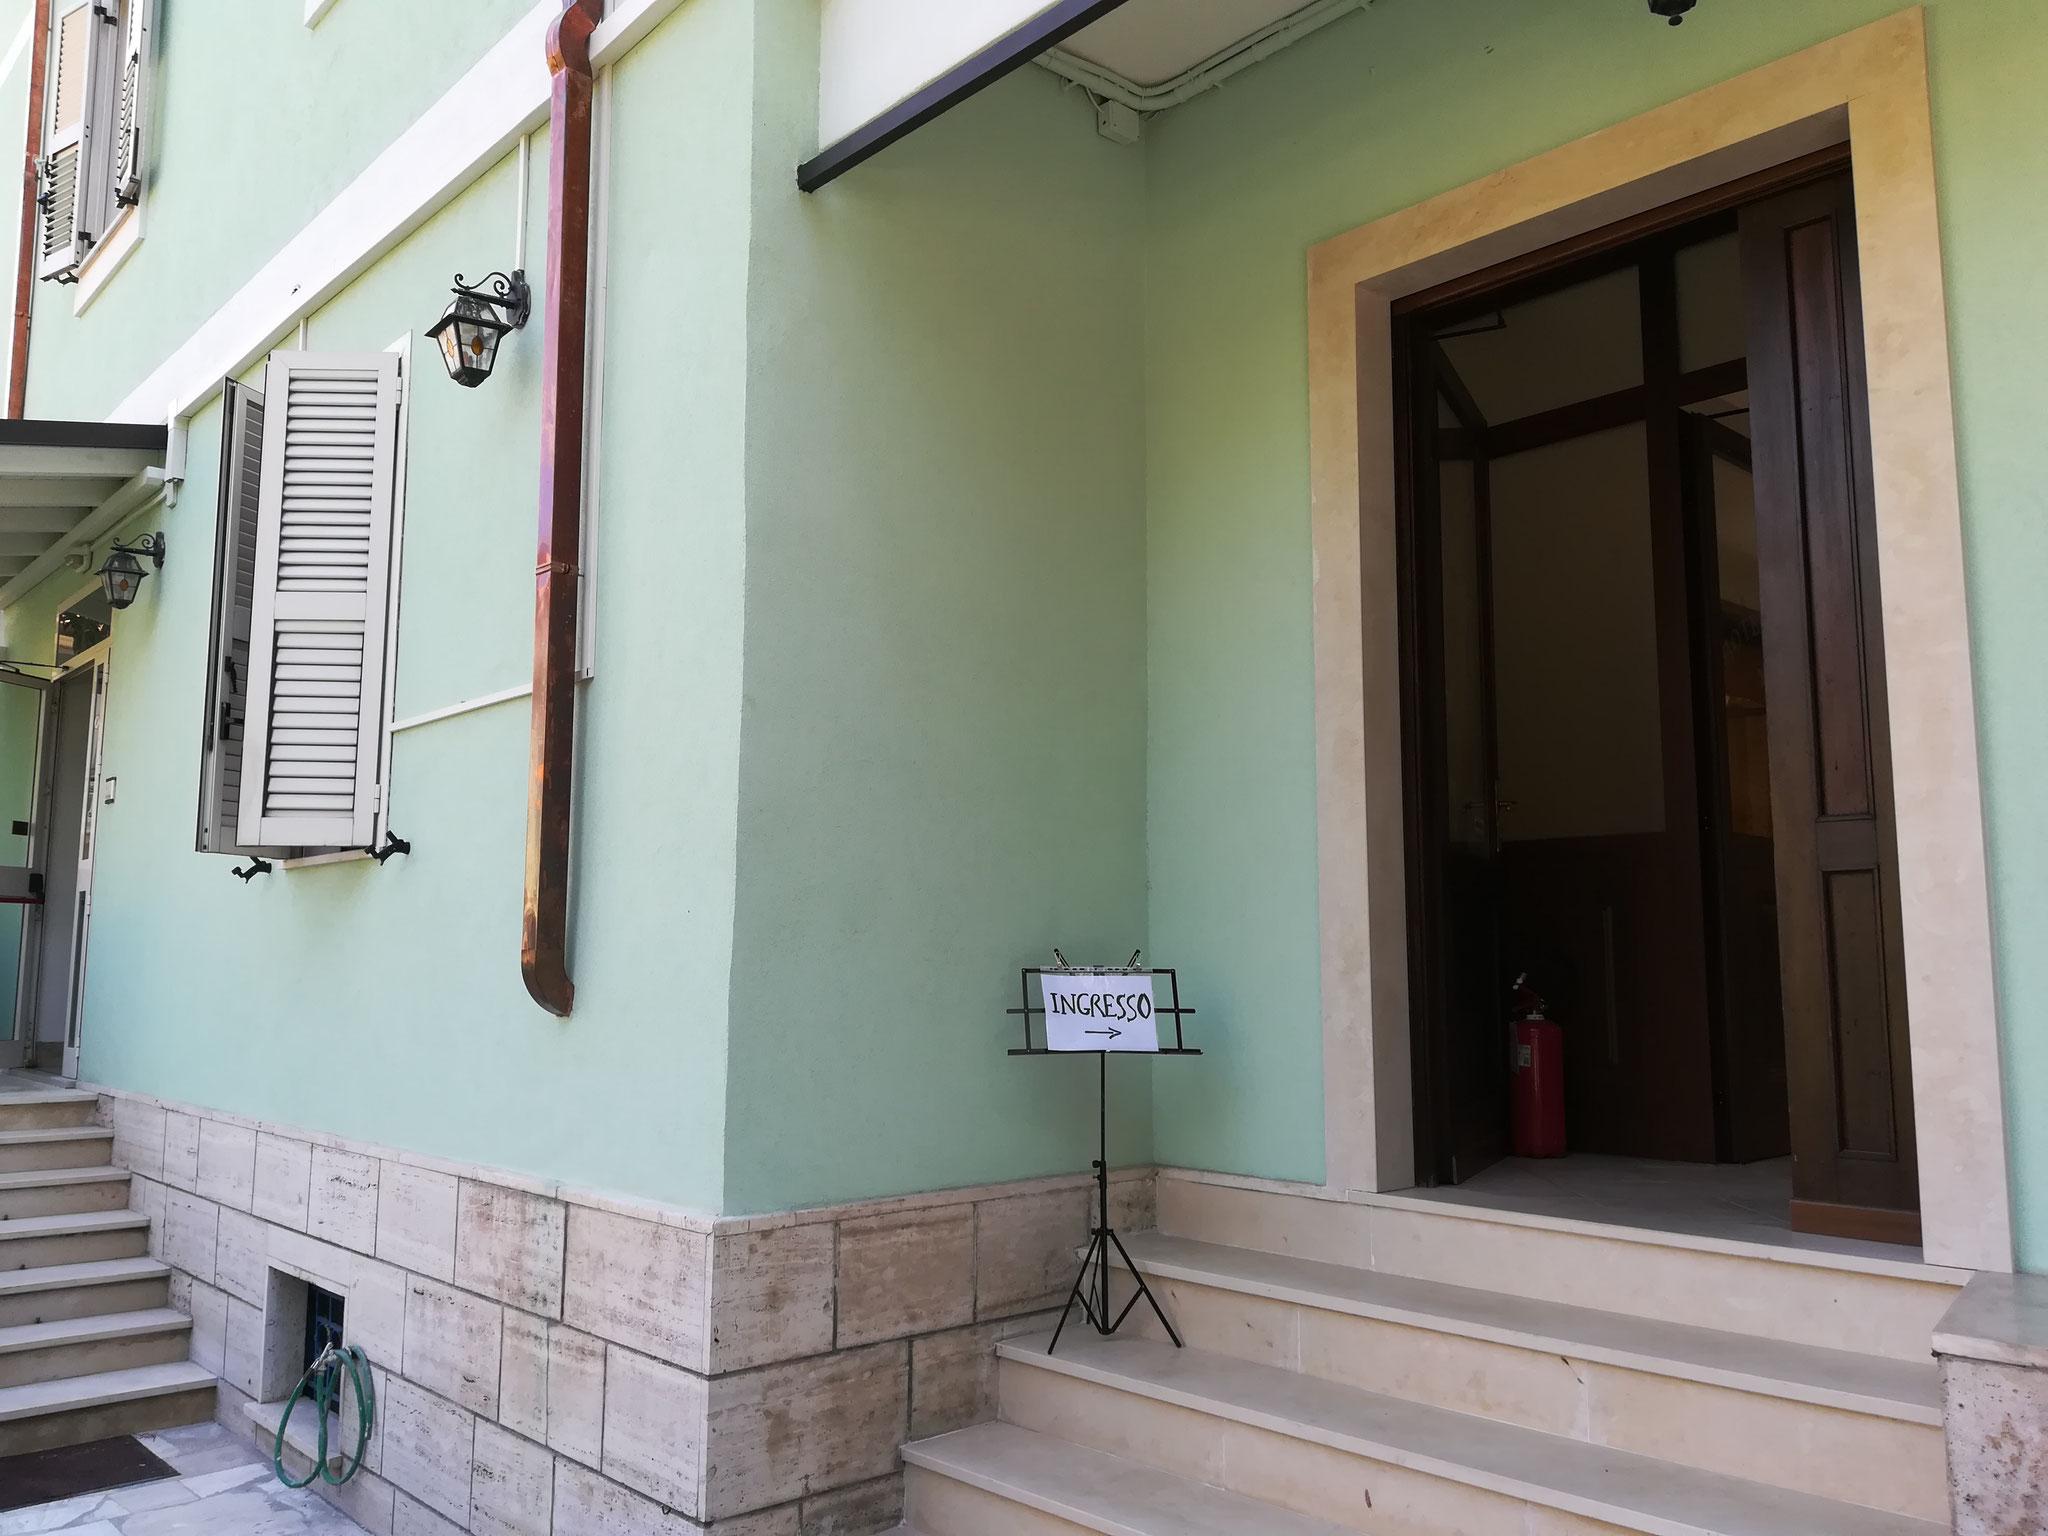 Hotel economico a Terni due stelle - Albergo Brenta bed and ...